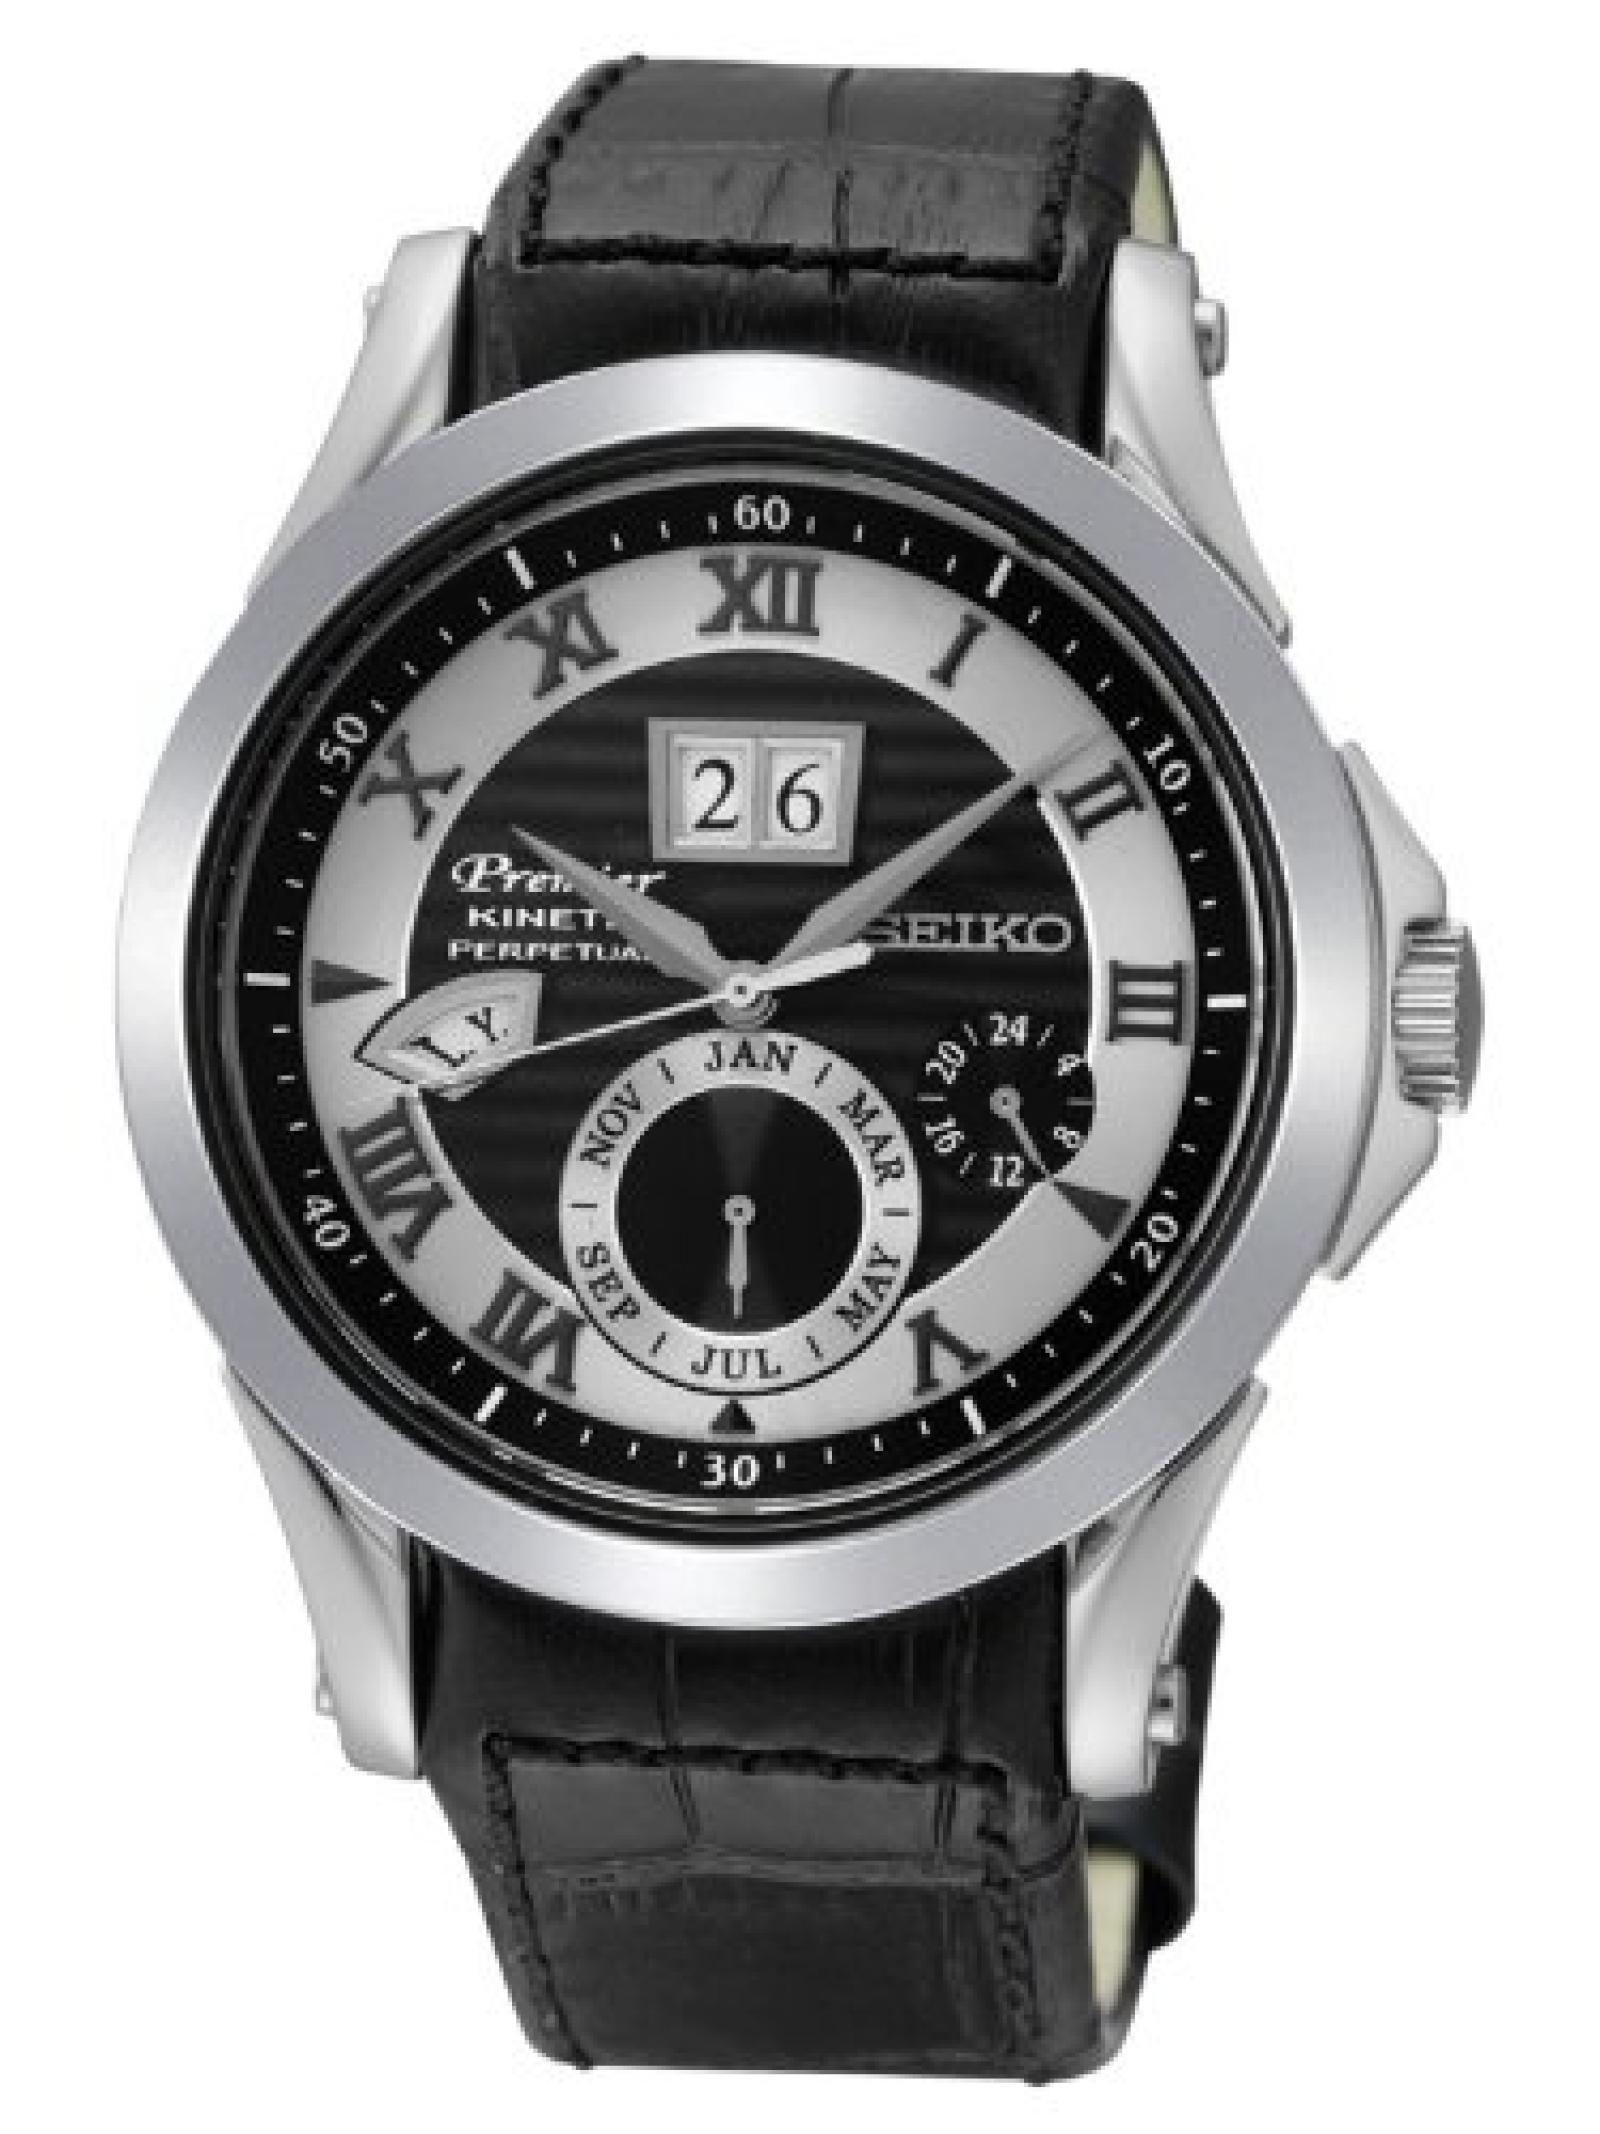 Seiko Herren-Armbanduhr XL Premier Analog Automatik Leder SNP061P1